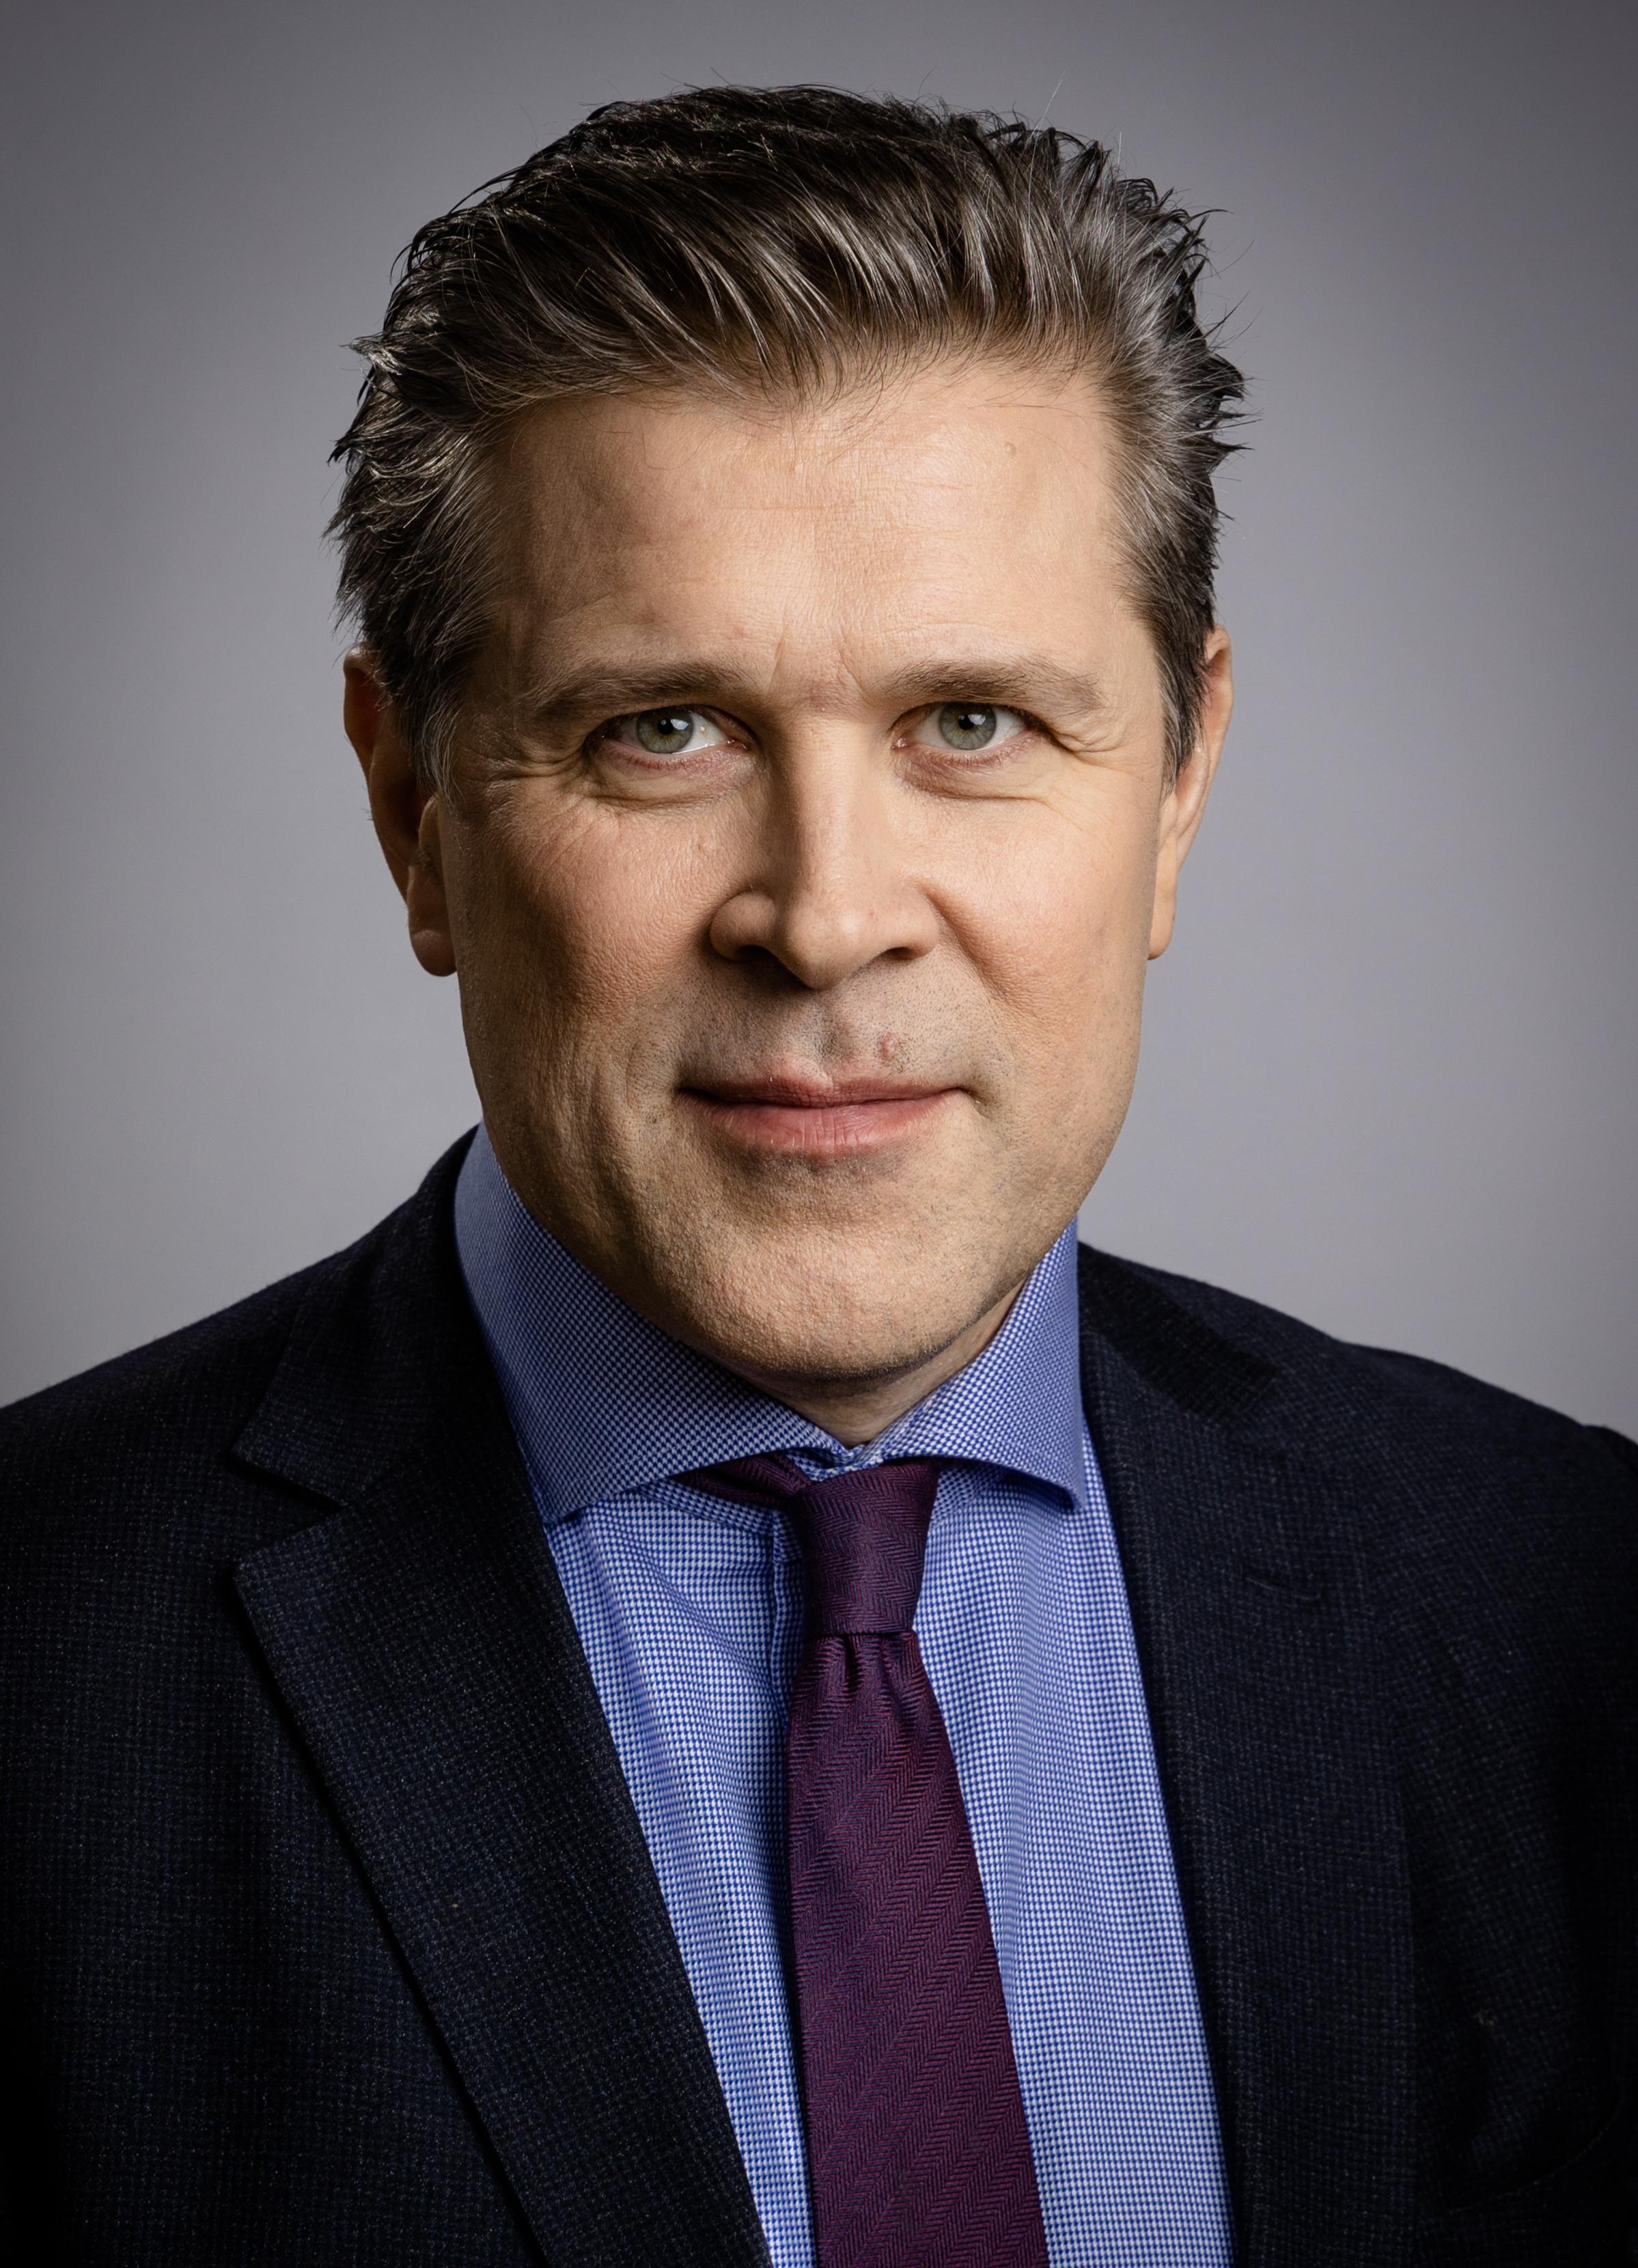 43: Bjarni Benediktsson